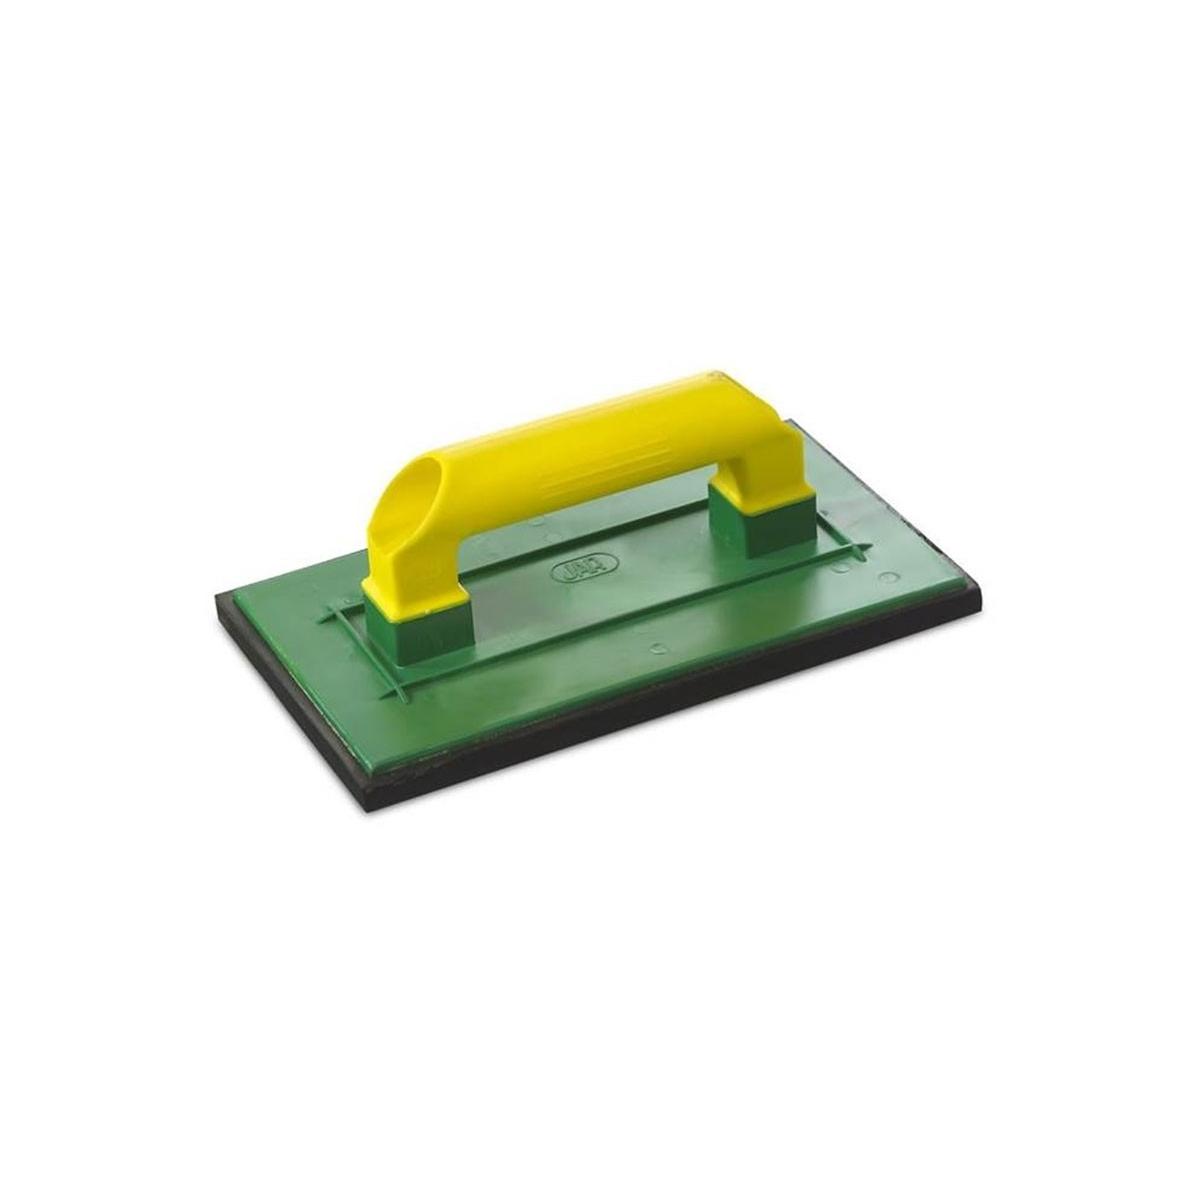 Talocha con latex de 29 cm